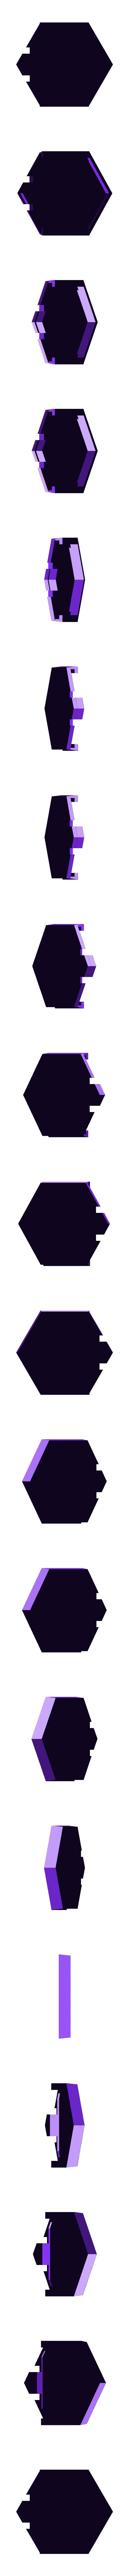 back.stl Download free STL file Secret geometry medallion • 3D printable model, Job